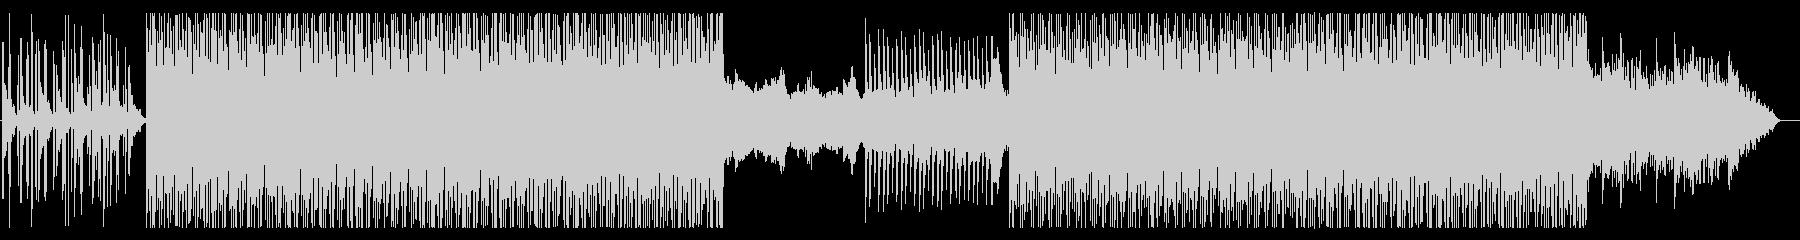 さわやかなハウス(トロピカル)の未再生の波形